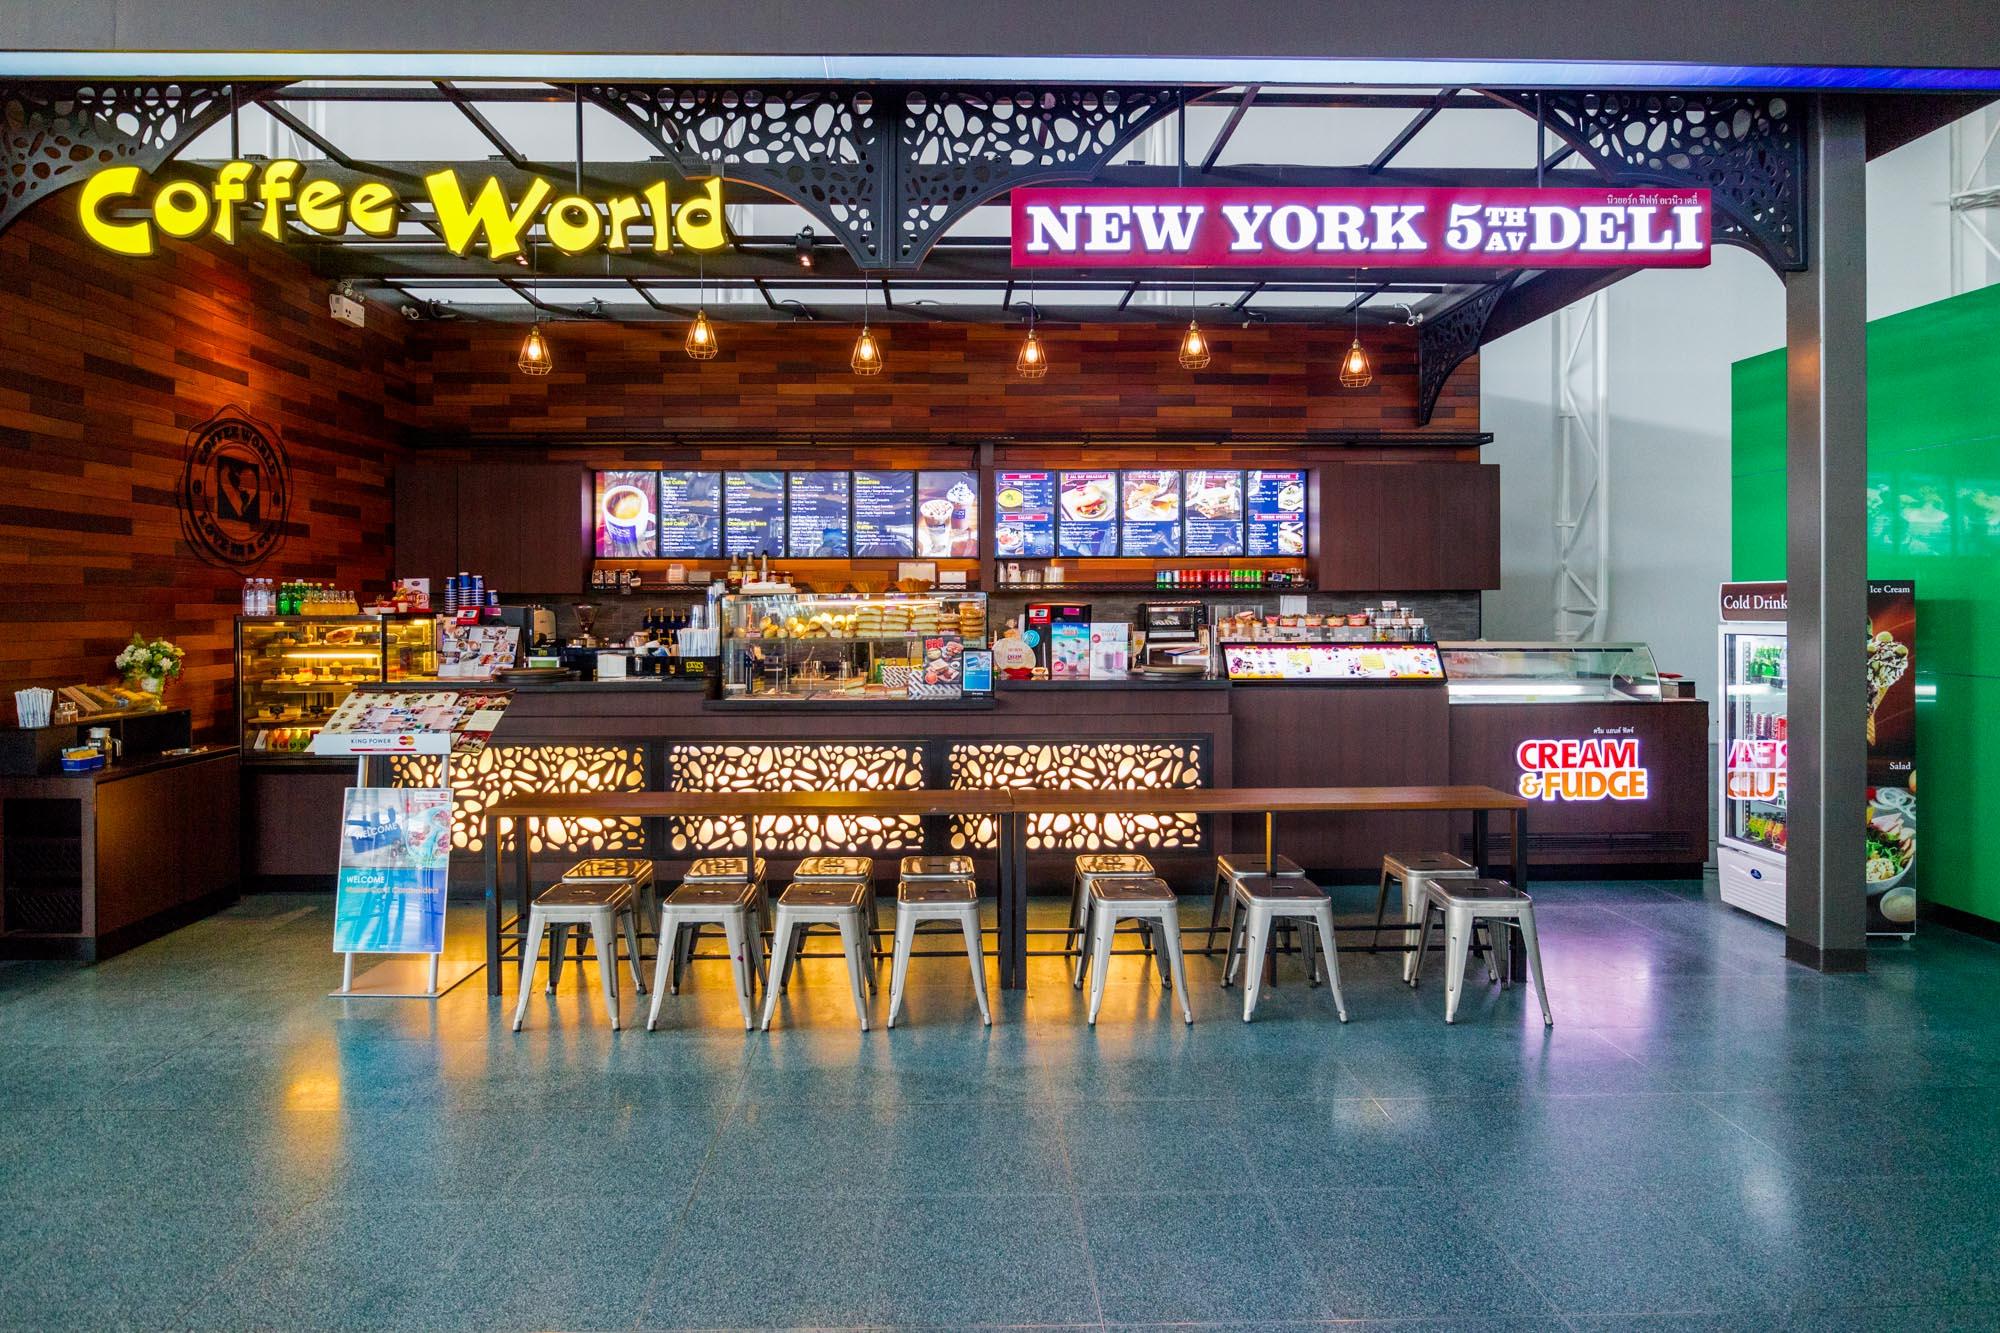 ท่าอากาศยานภูเก็ต  ร้านอาหารแนะนำ ในอาคารผู้โดยสารขาออกระหว่างประเทศ ท่าอากาศยานภูเก็ต IMG 8321